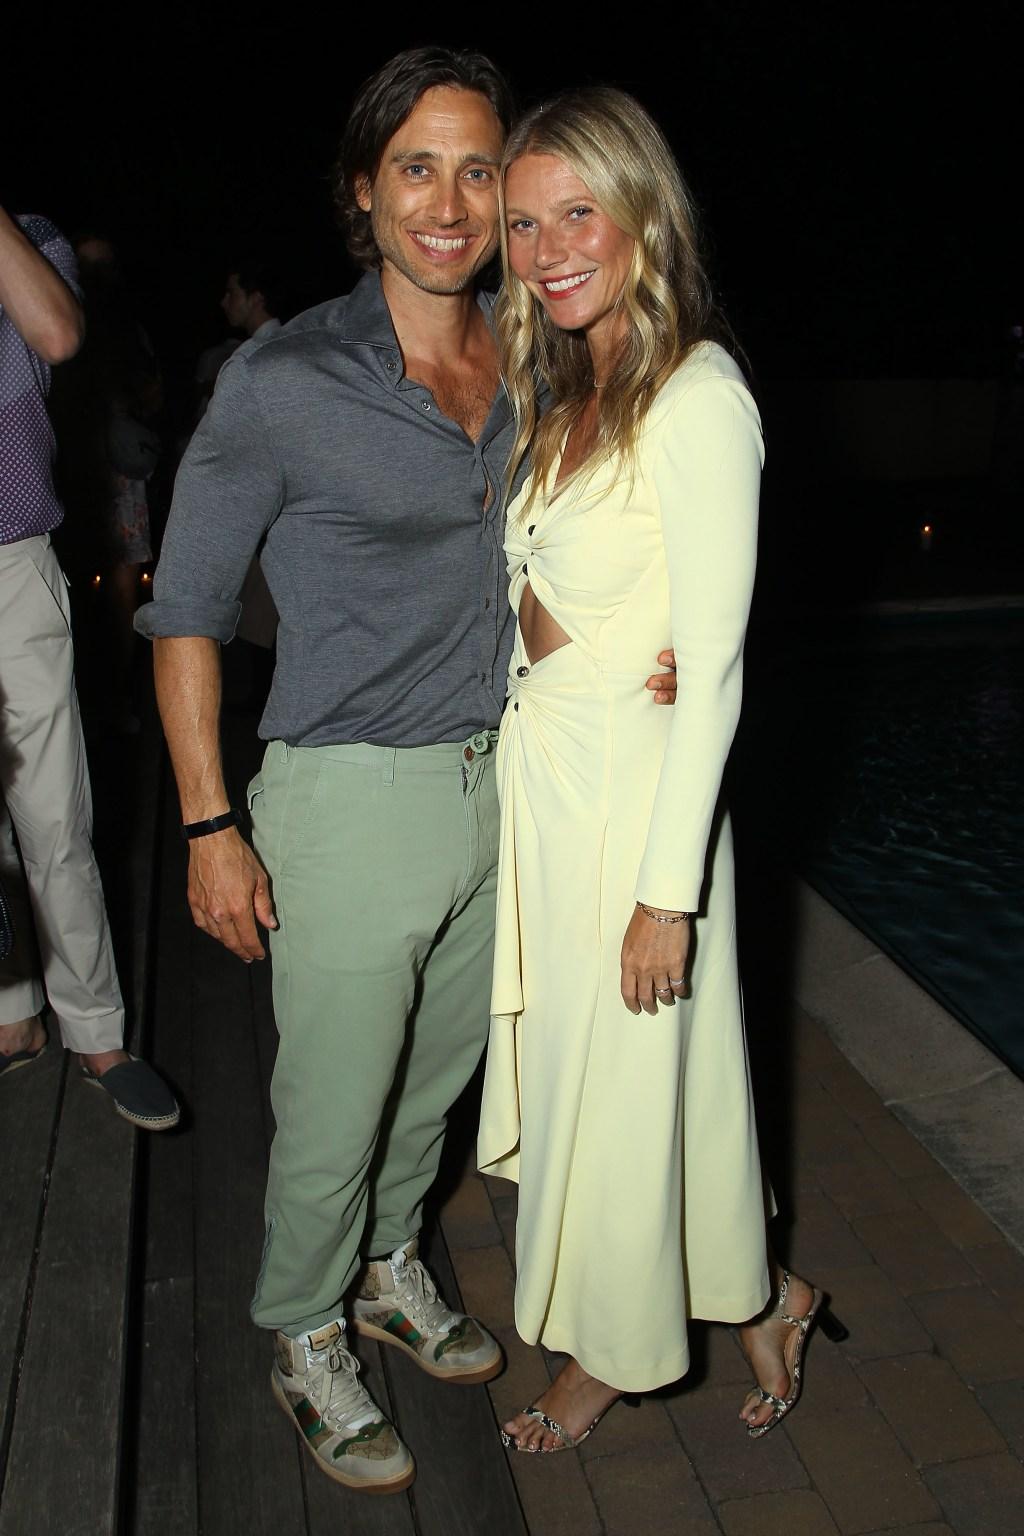 Gwyneth Paltrow, husband Brad Falchuk